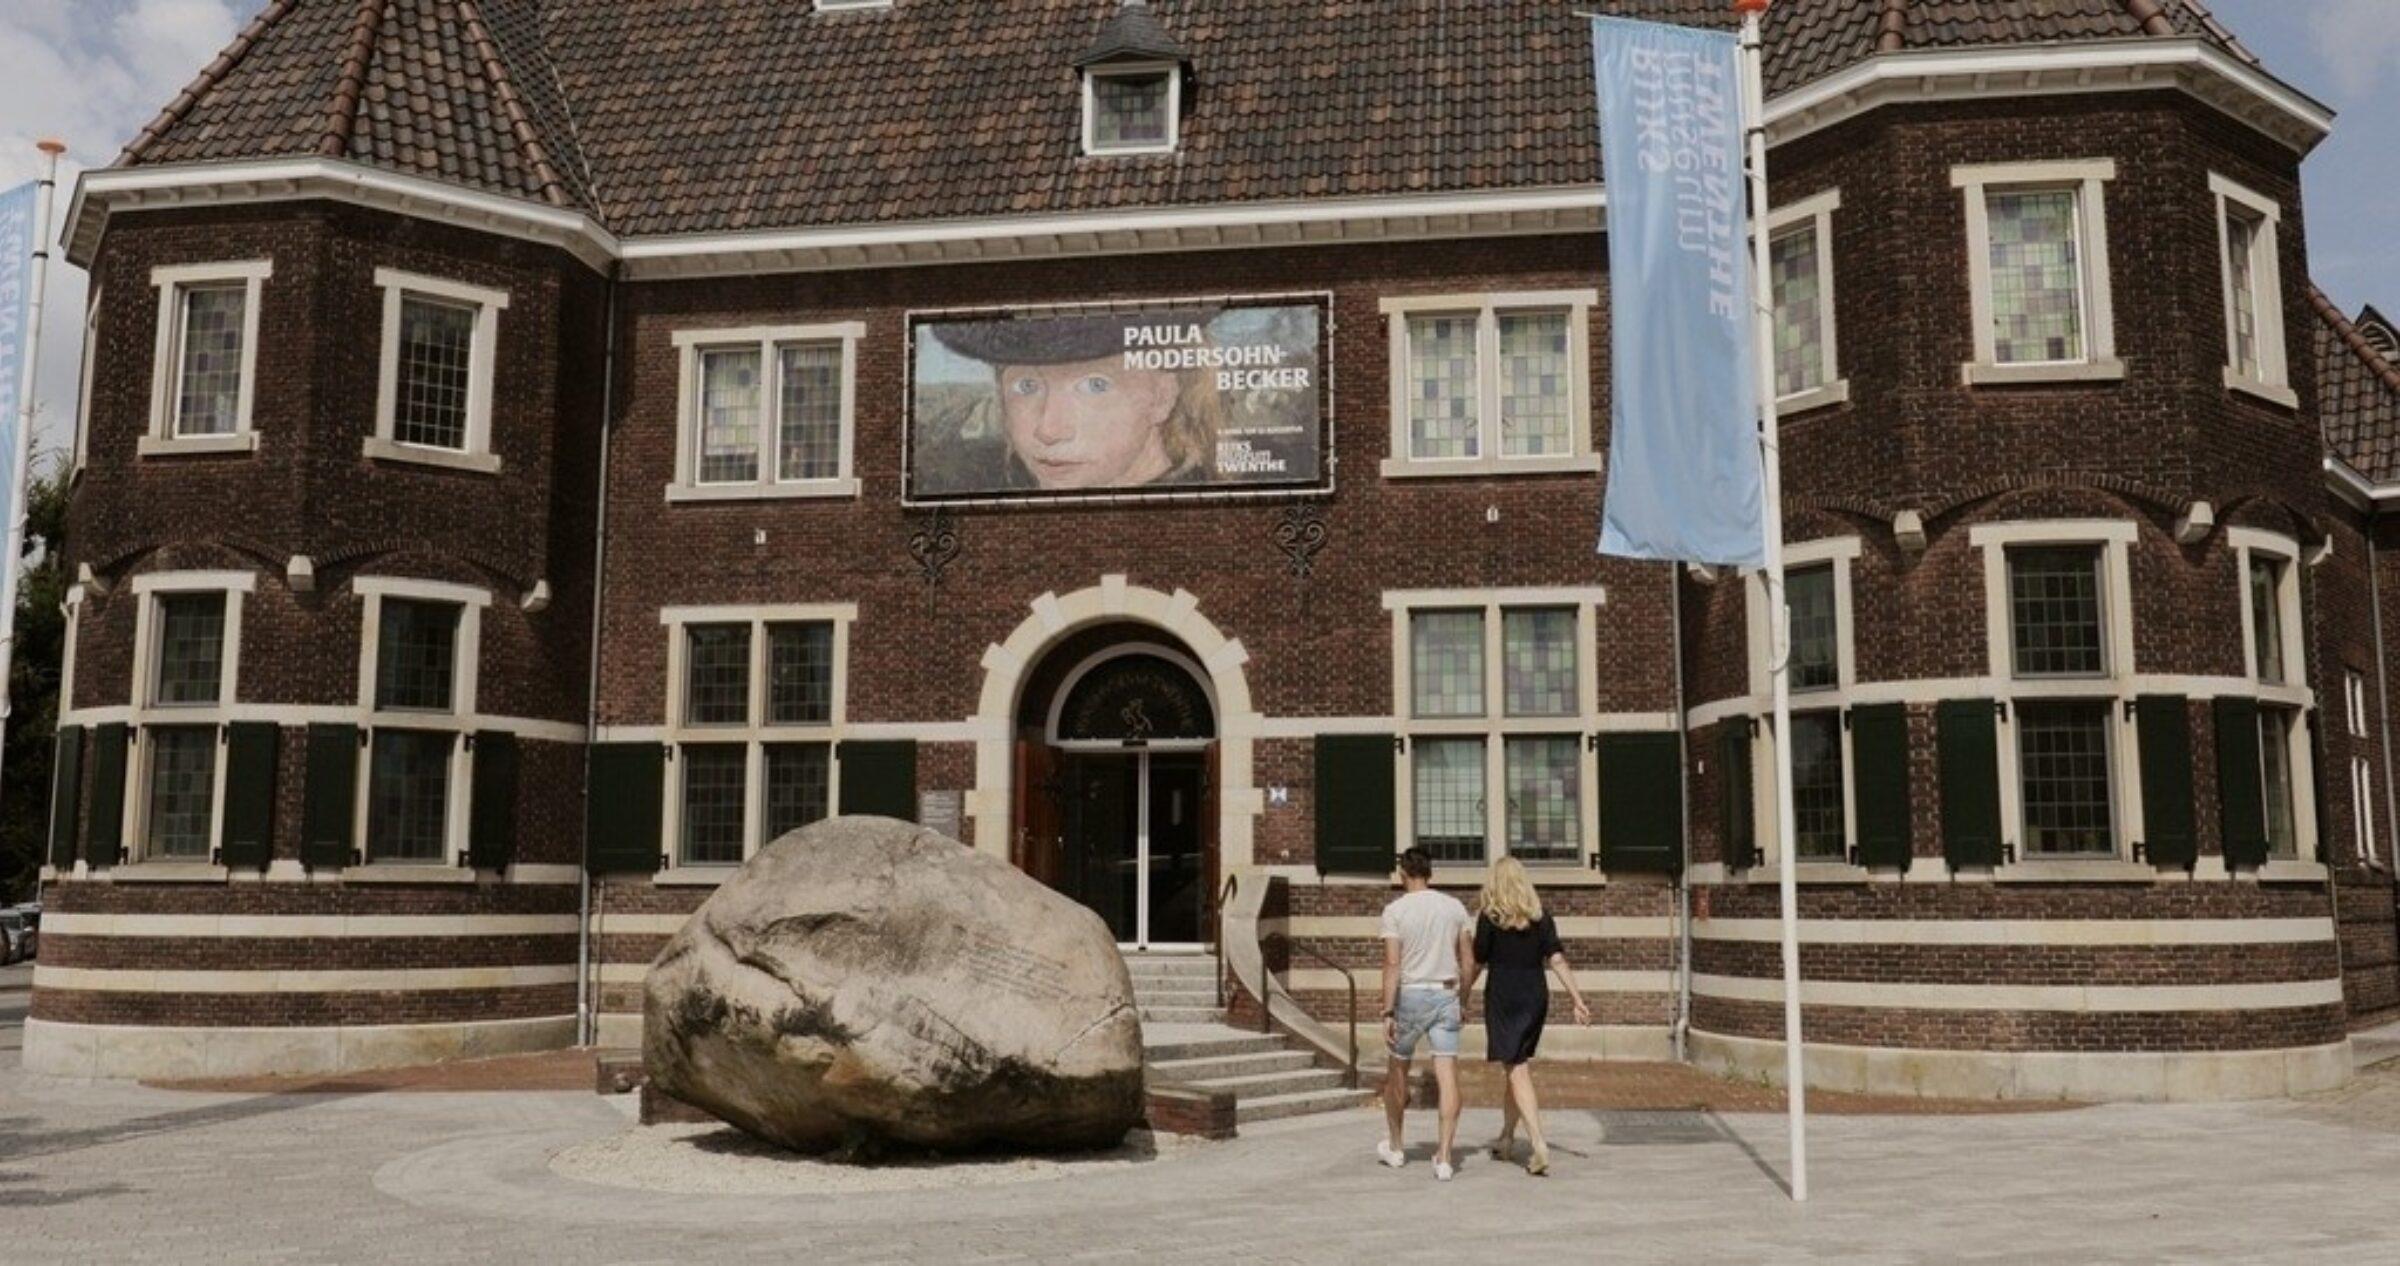 Rijksmuseum-Twenthe-Enschede